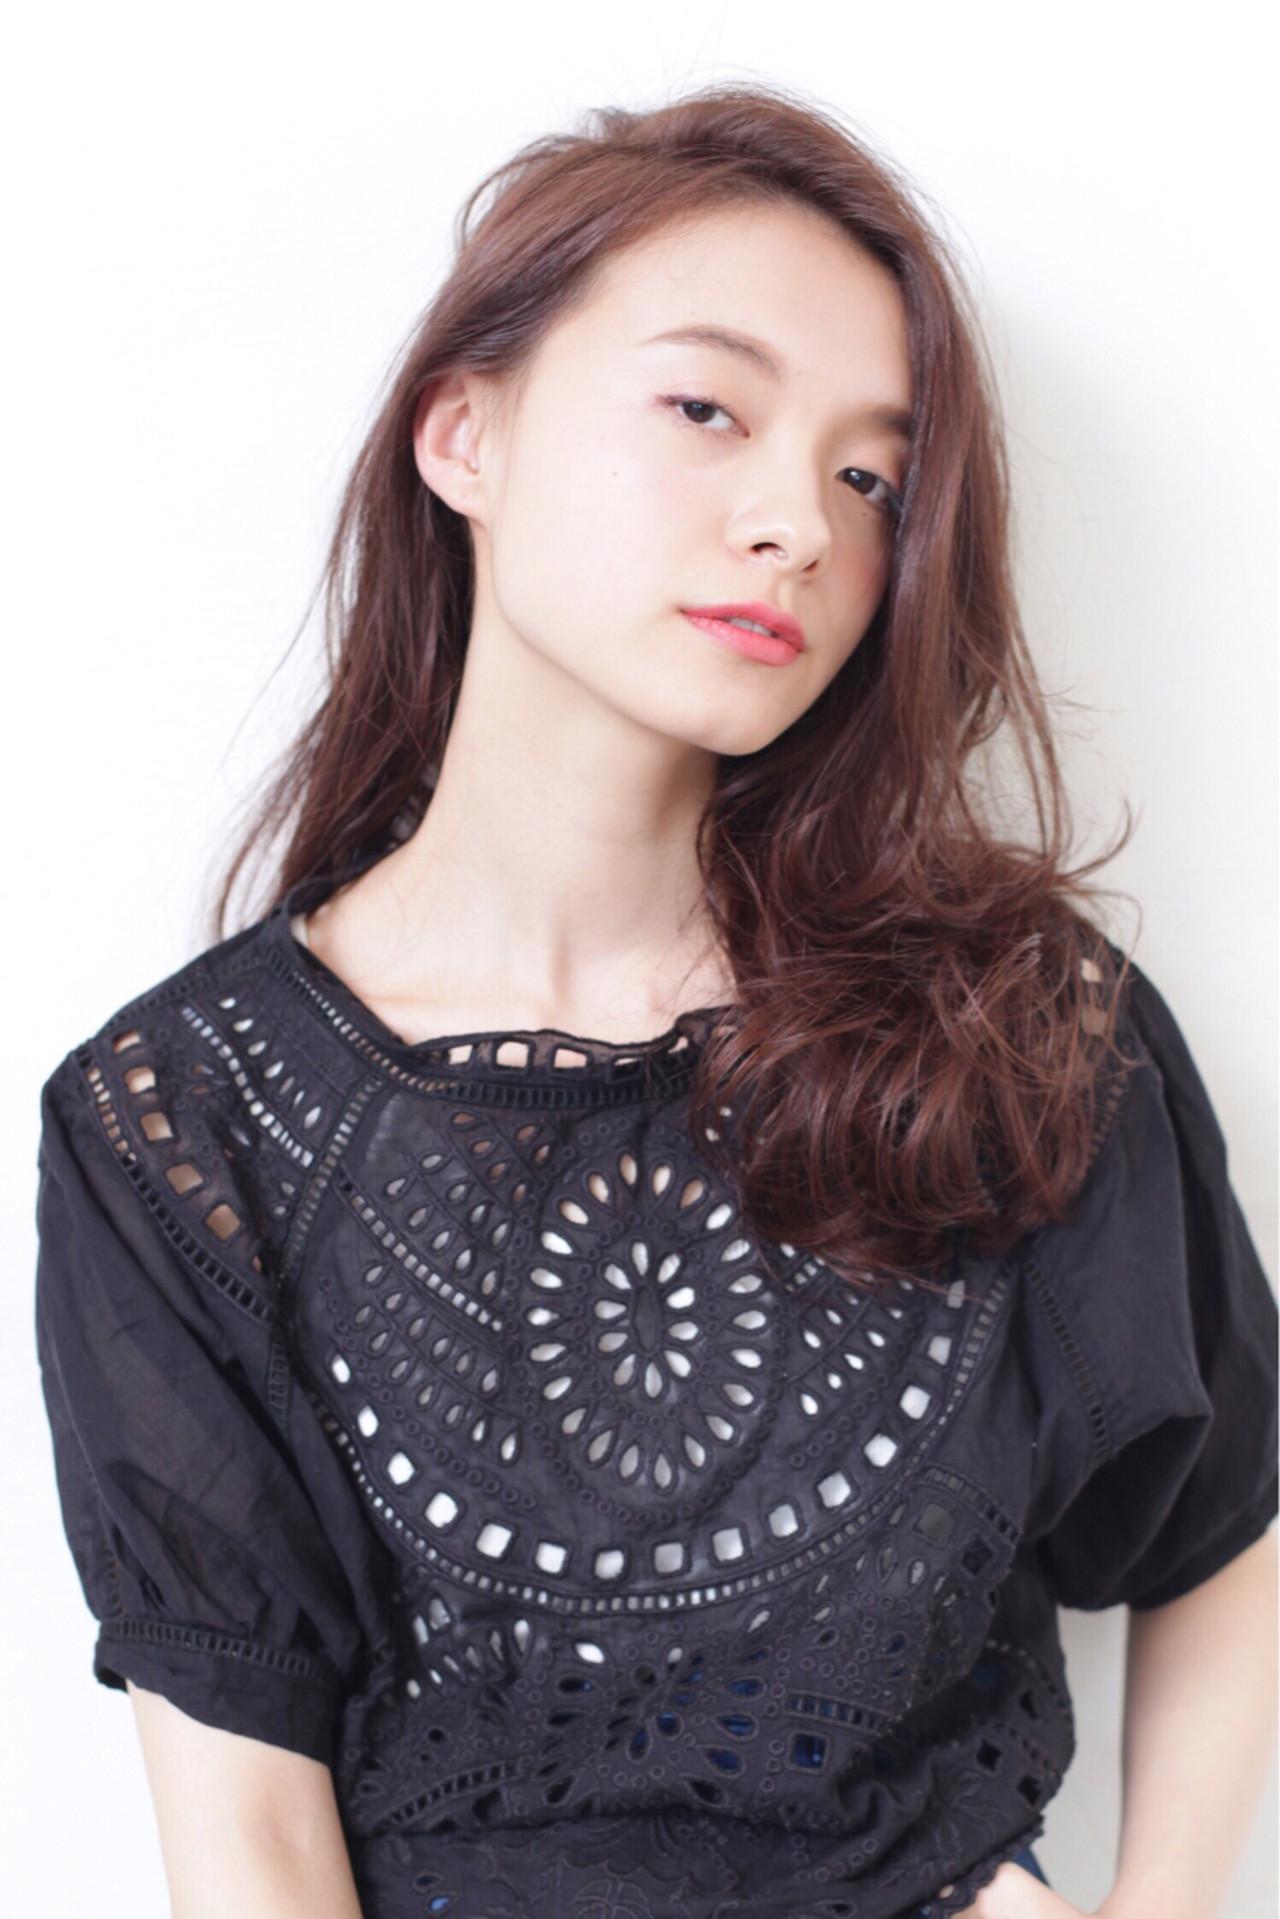 エレガント ナチュラル ロング おフェロ ヘアスタイルや髪型の写真・画像 | yukari /